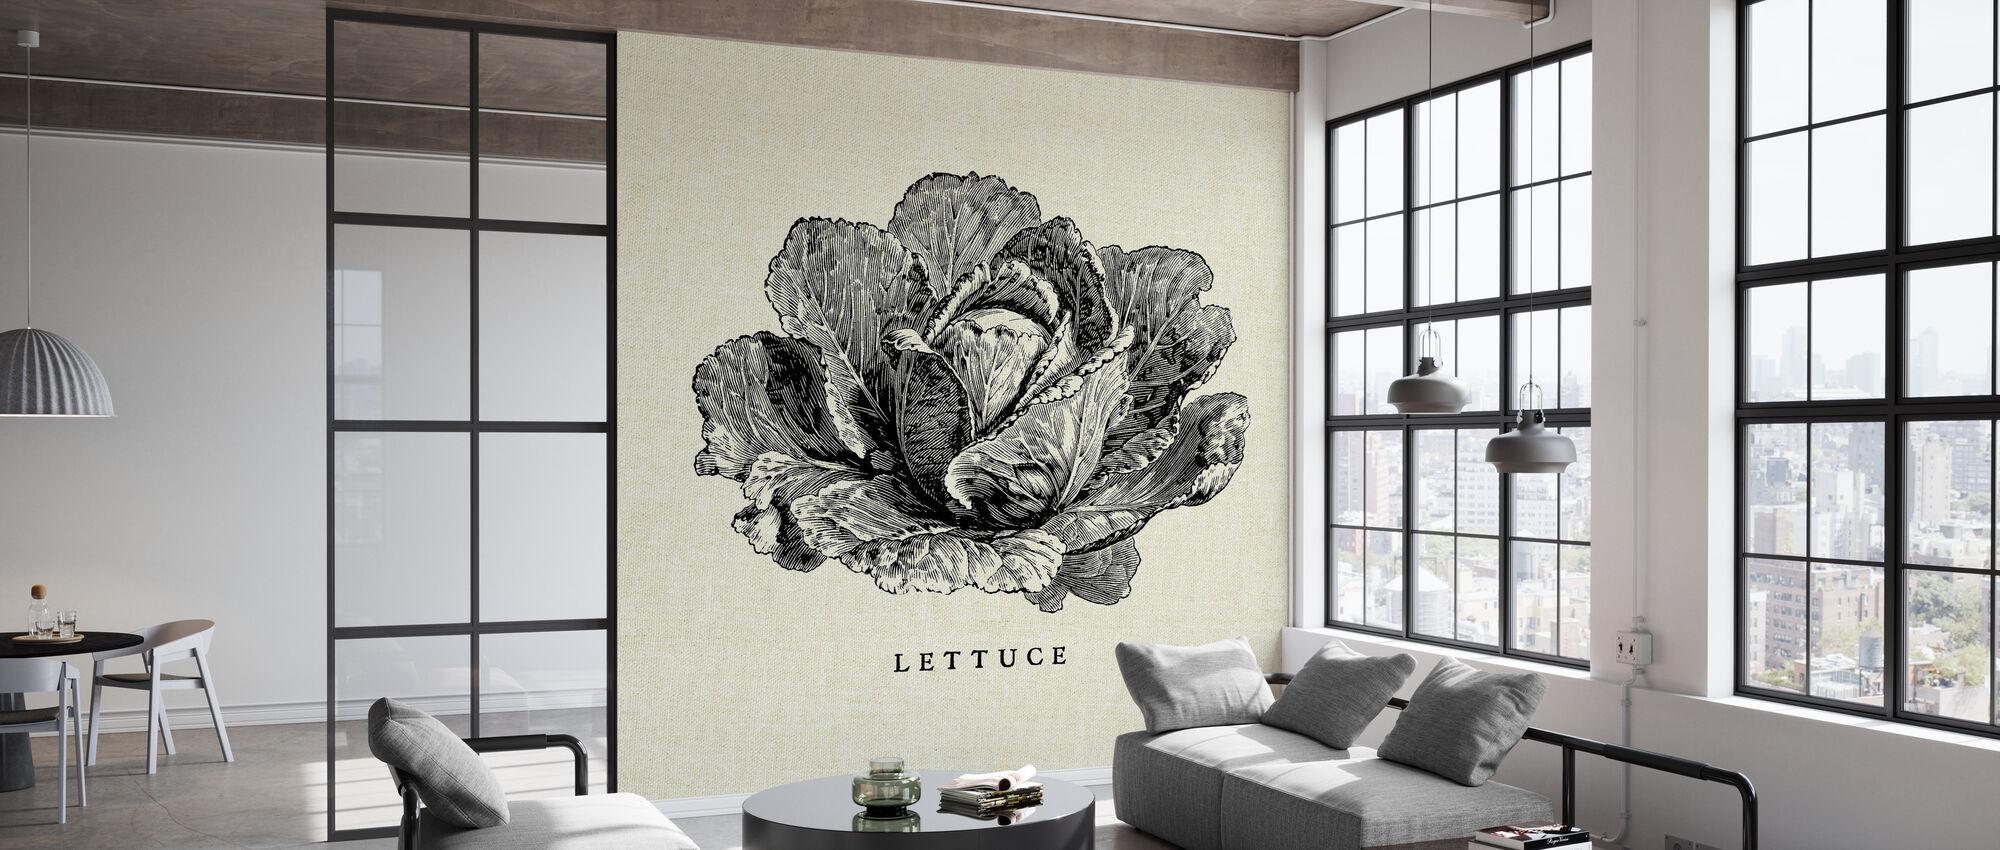 Küche Illustration - Salat - Tapete - Büro